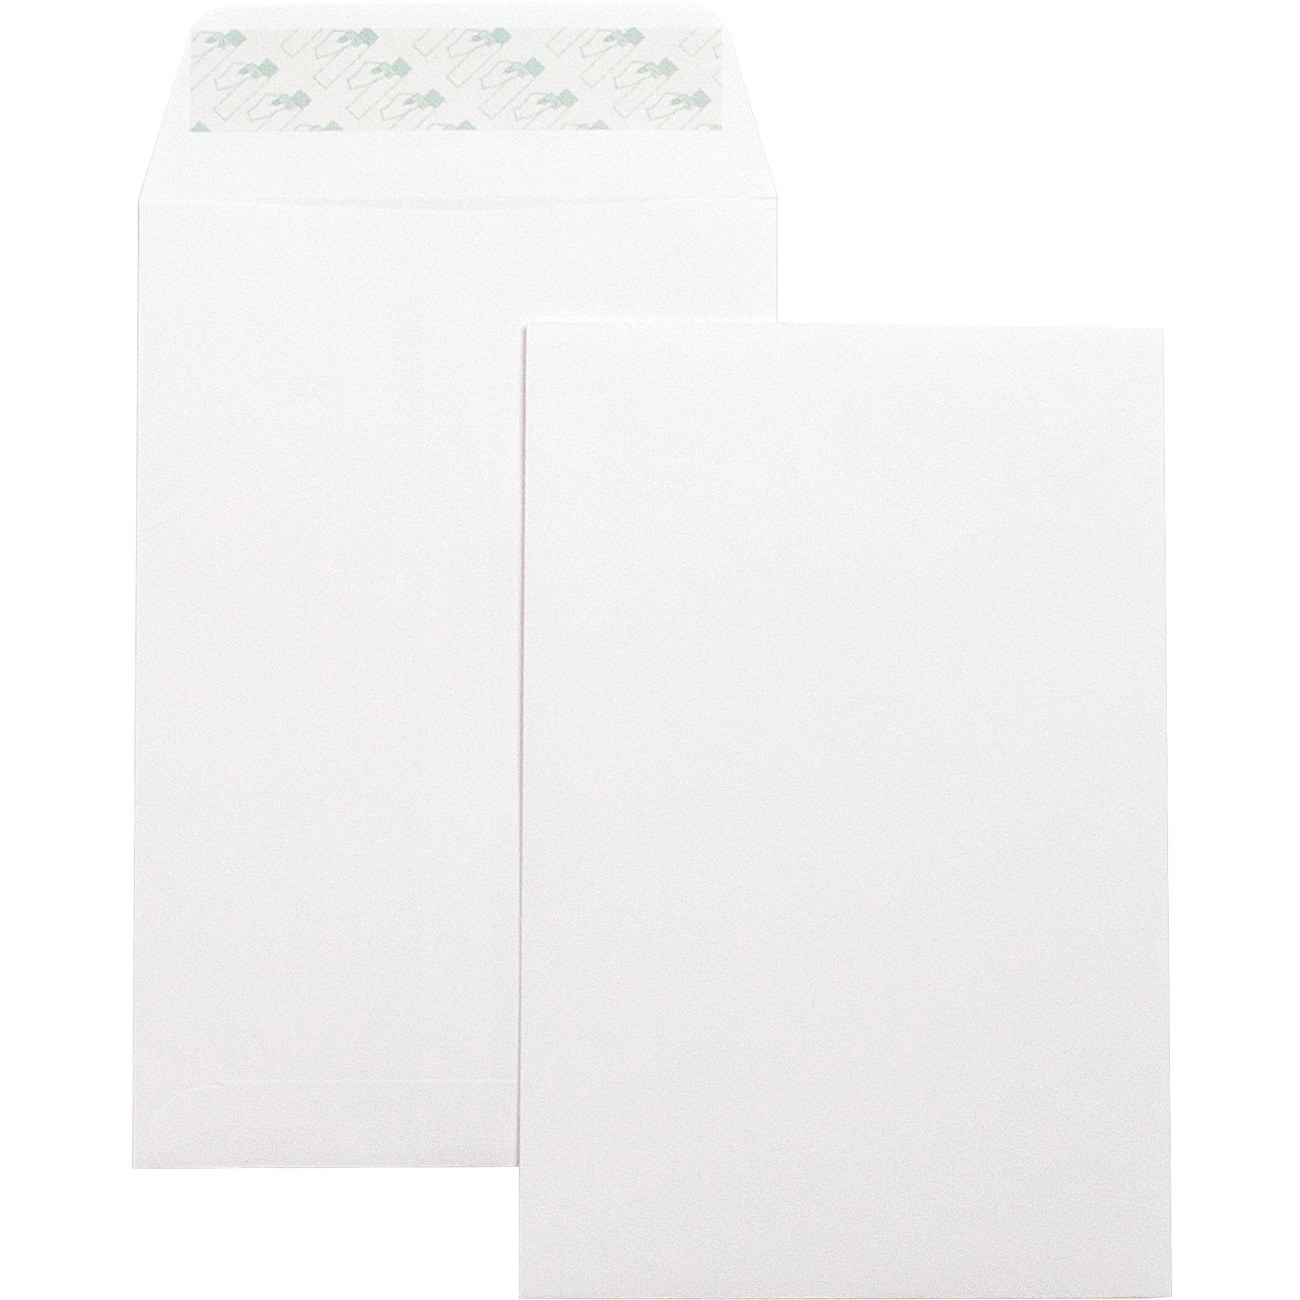 Business Source Large Format//Catalog Envelopes Catalog Envelope 42122